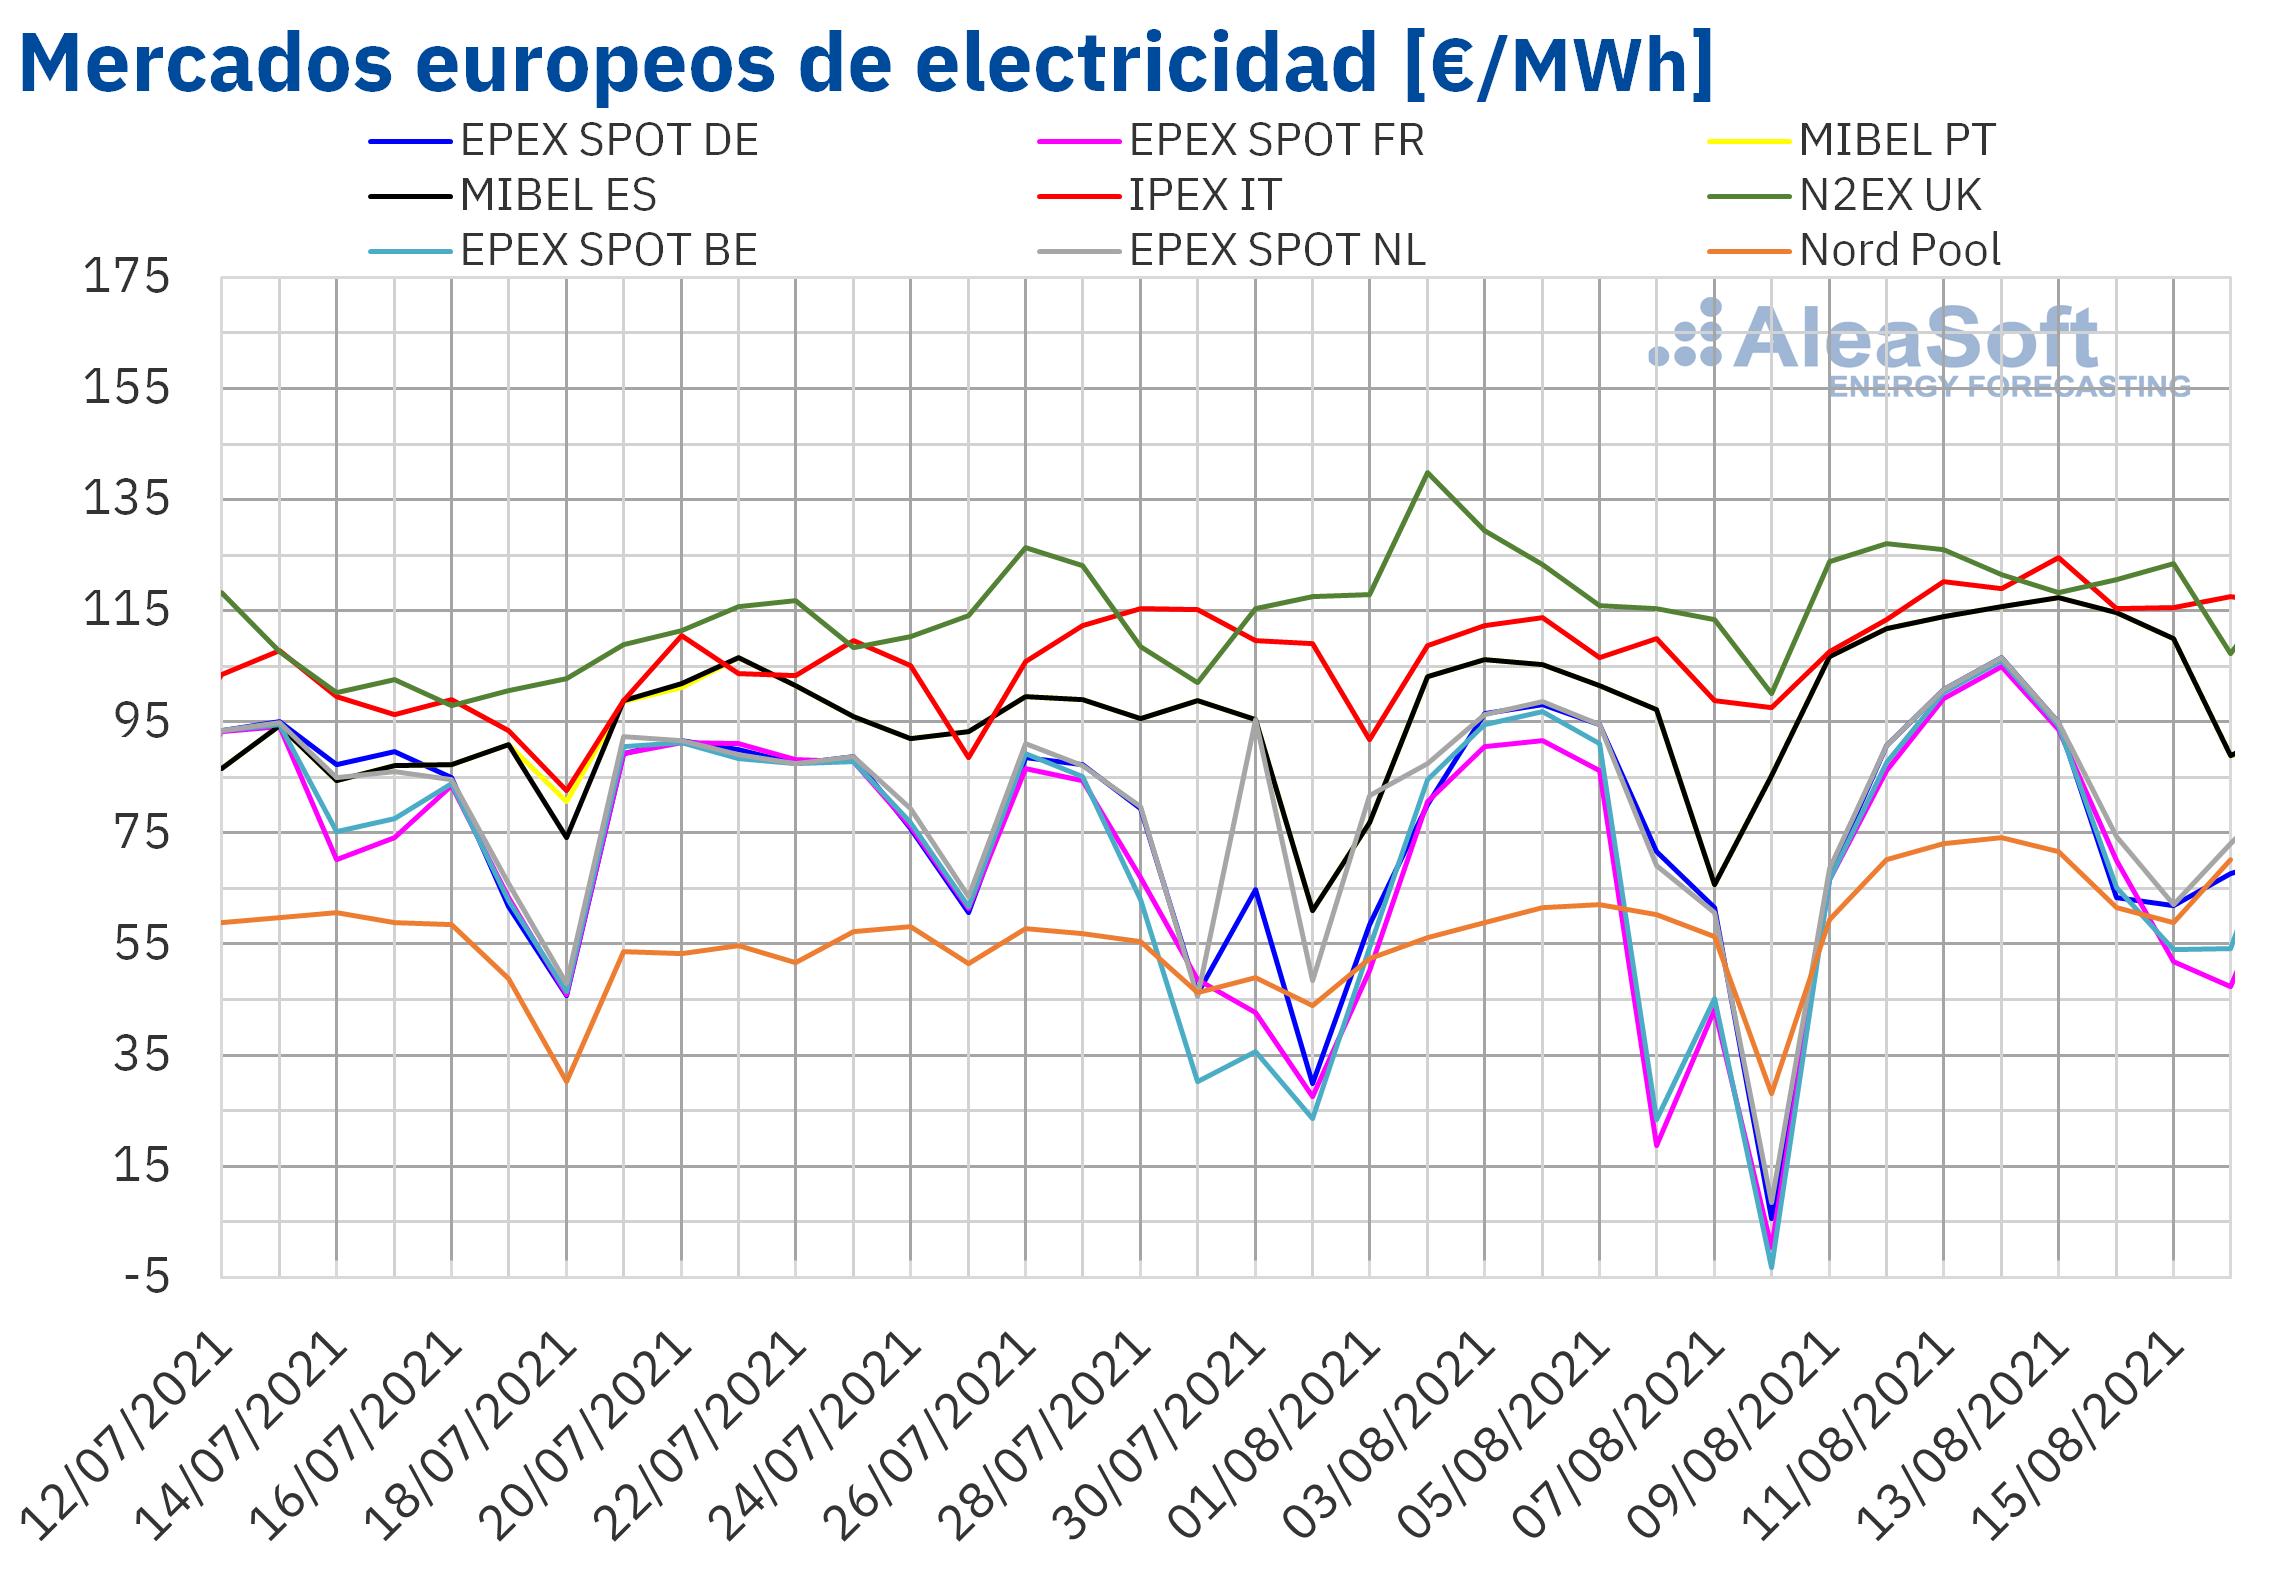 AleaSoft: Subidas de precios y máximos históricos en los mercados europeos hasta la mitad de agosto